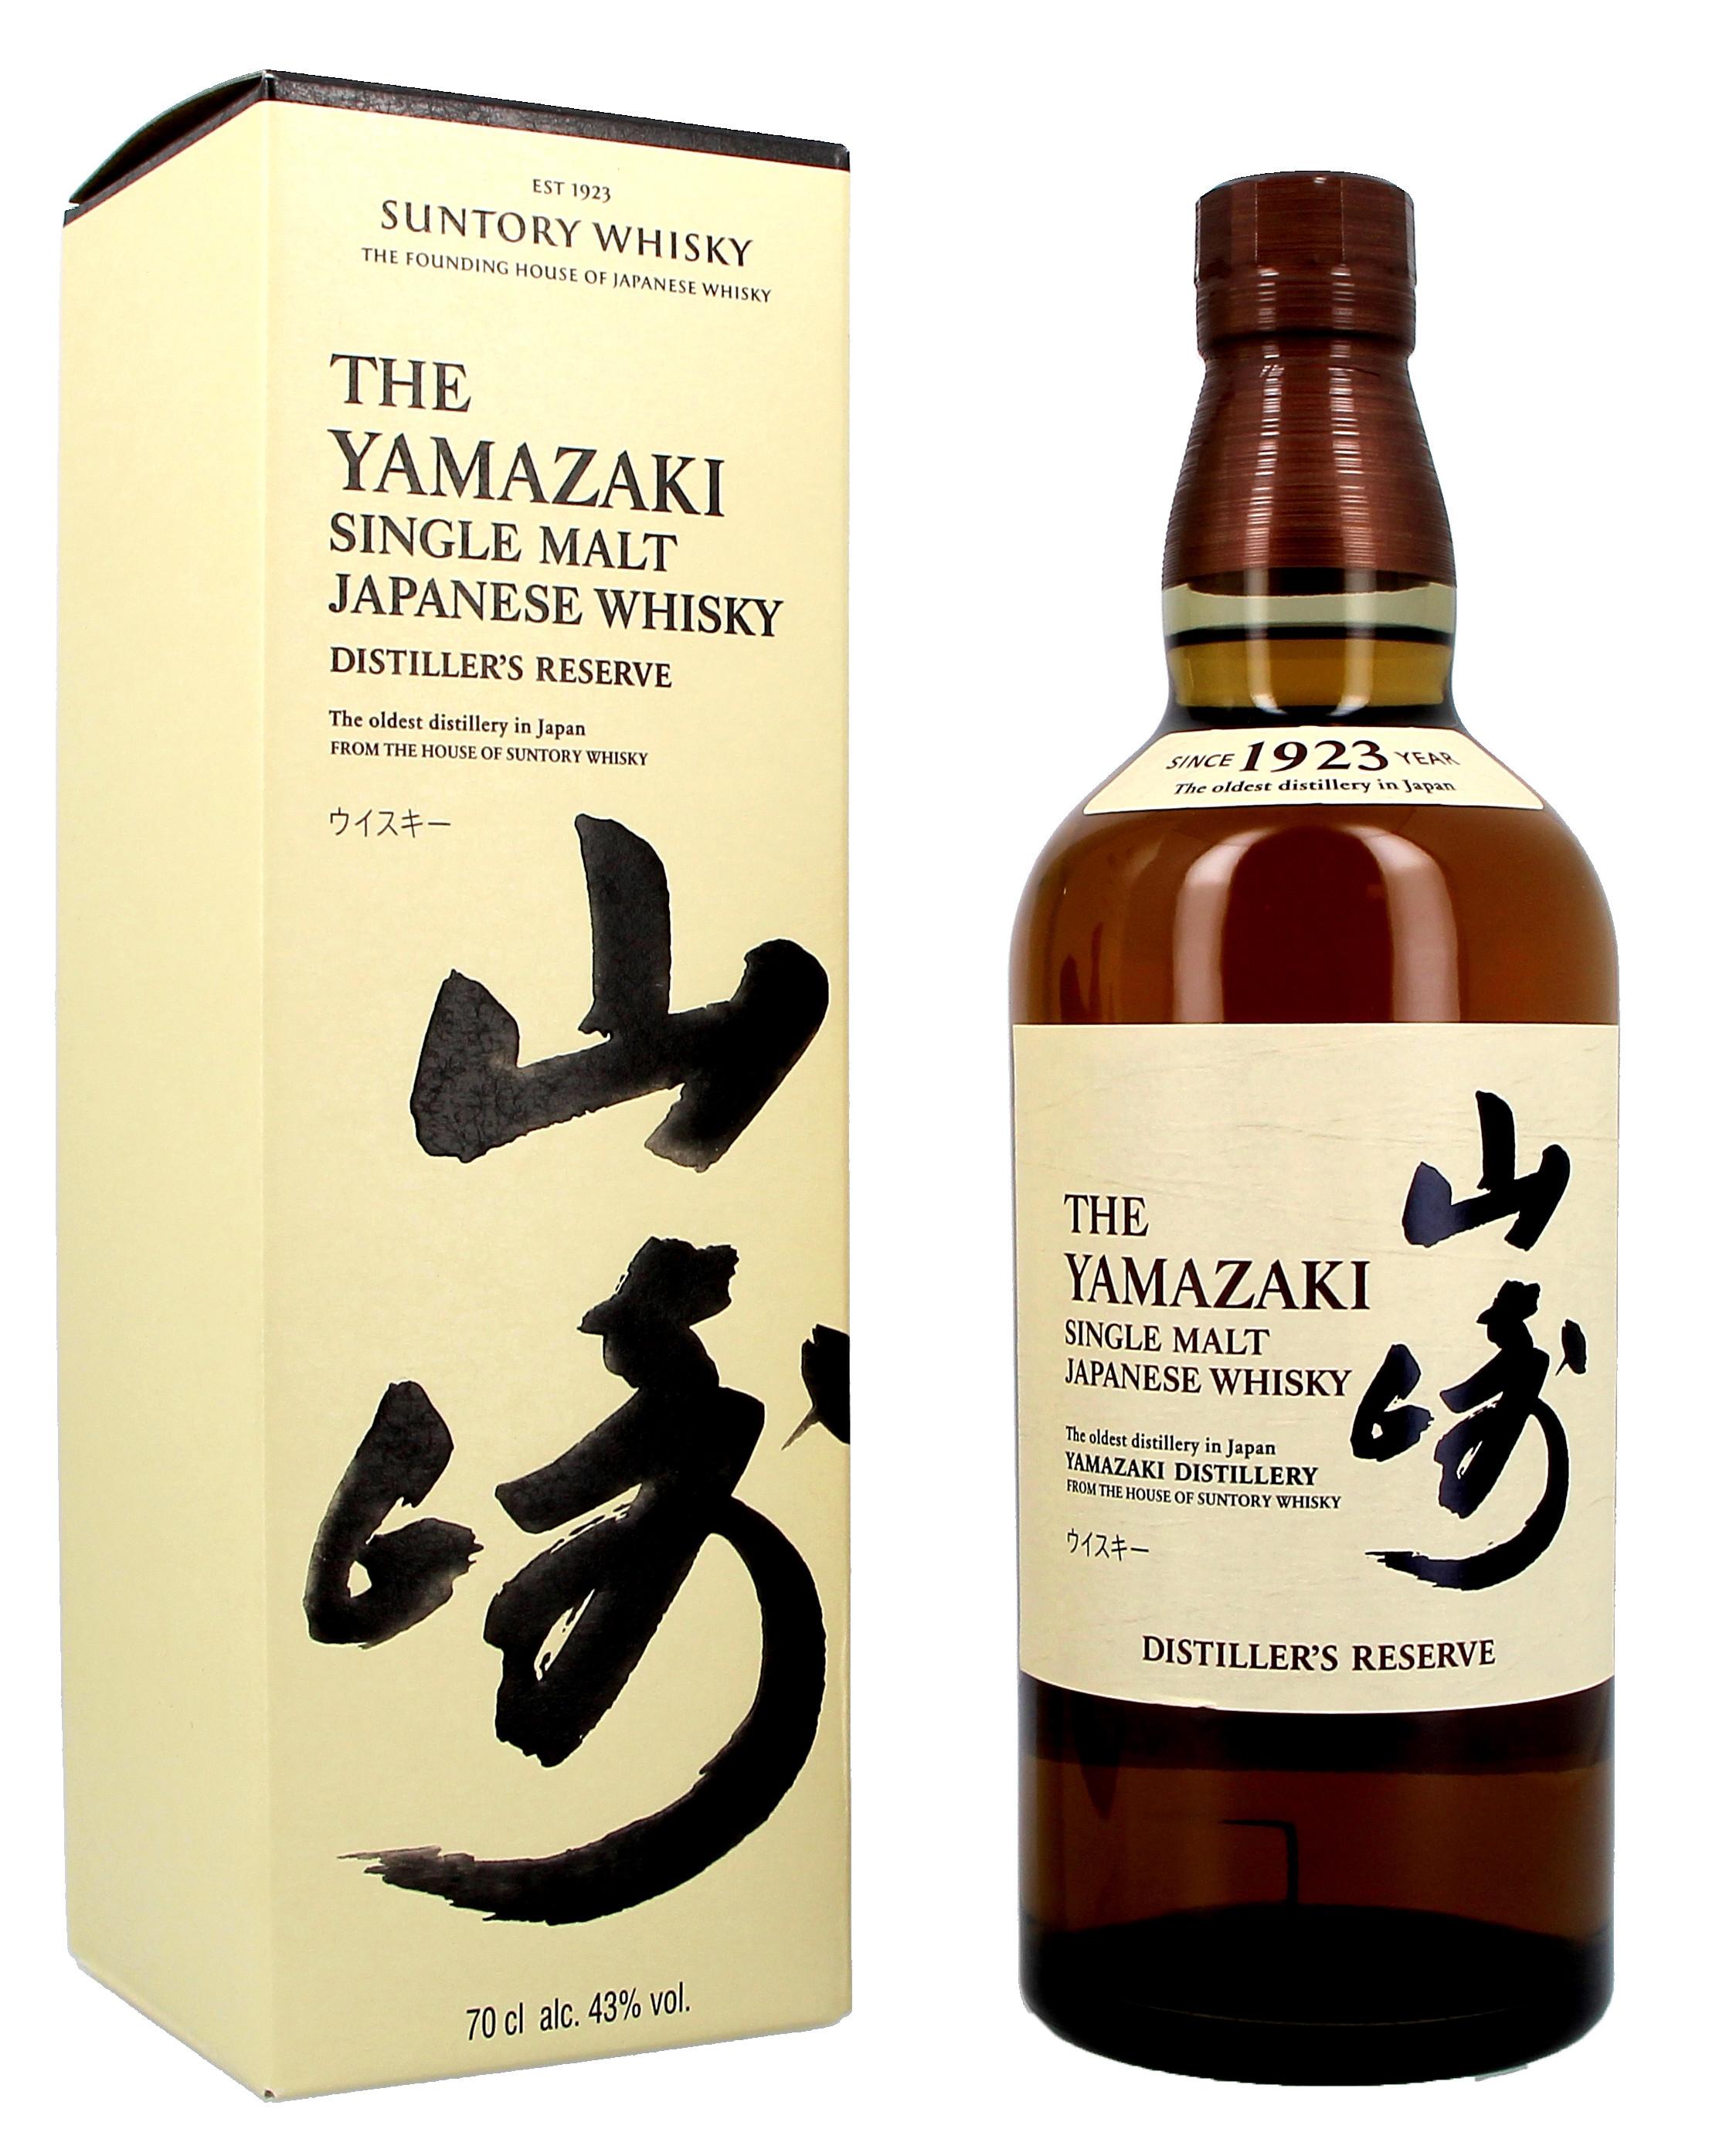 The Yamazaki Distiller's Reserve 70cl 43% Japanese Malt Whisky (Whisky)